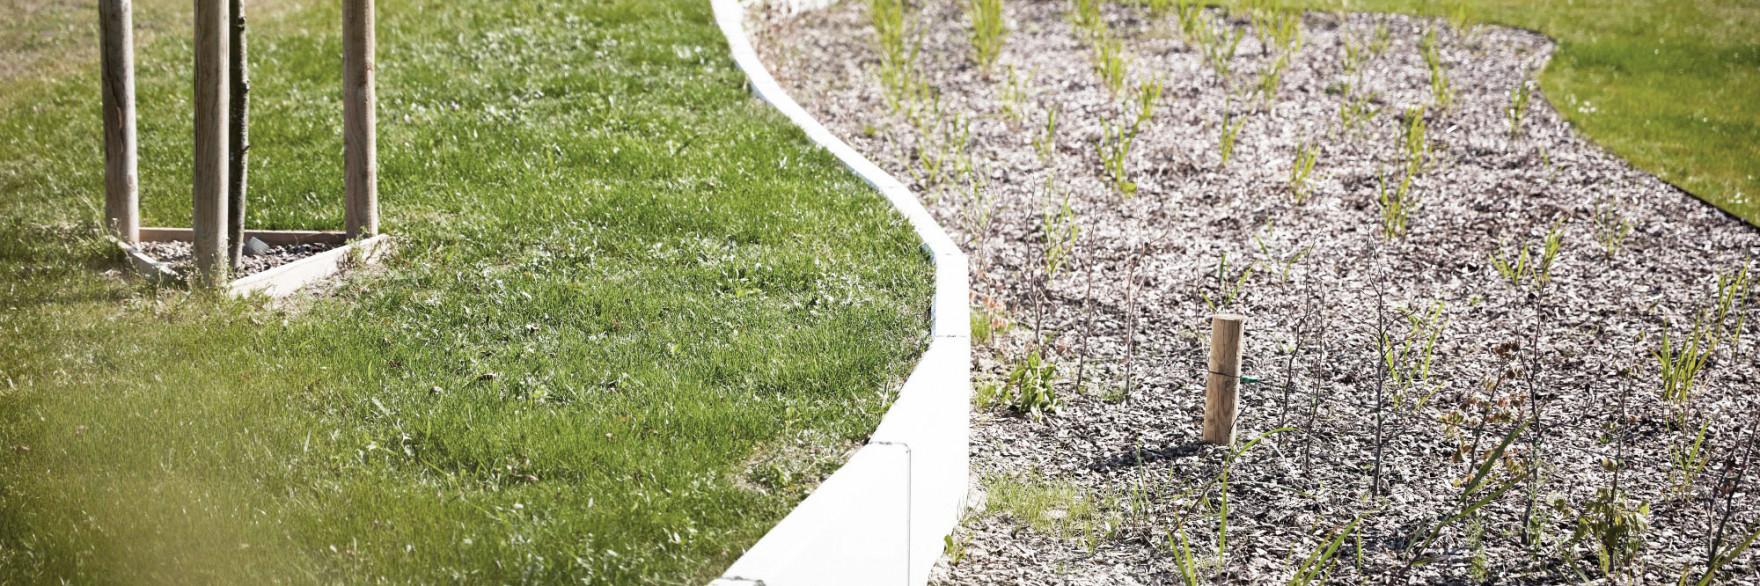 Productie beton tuinaannemer